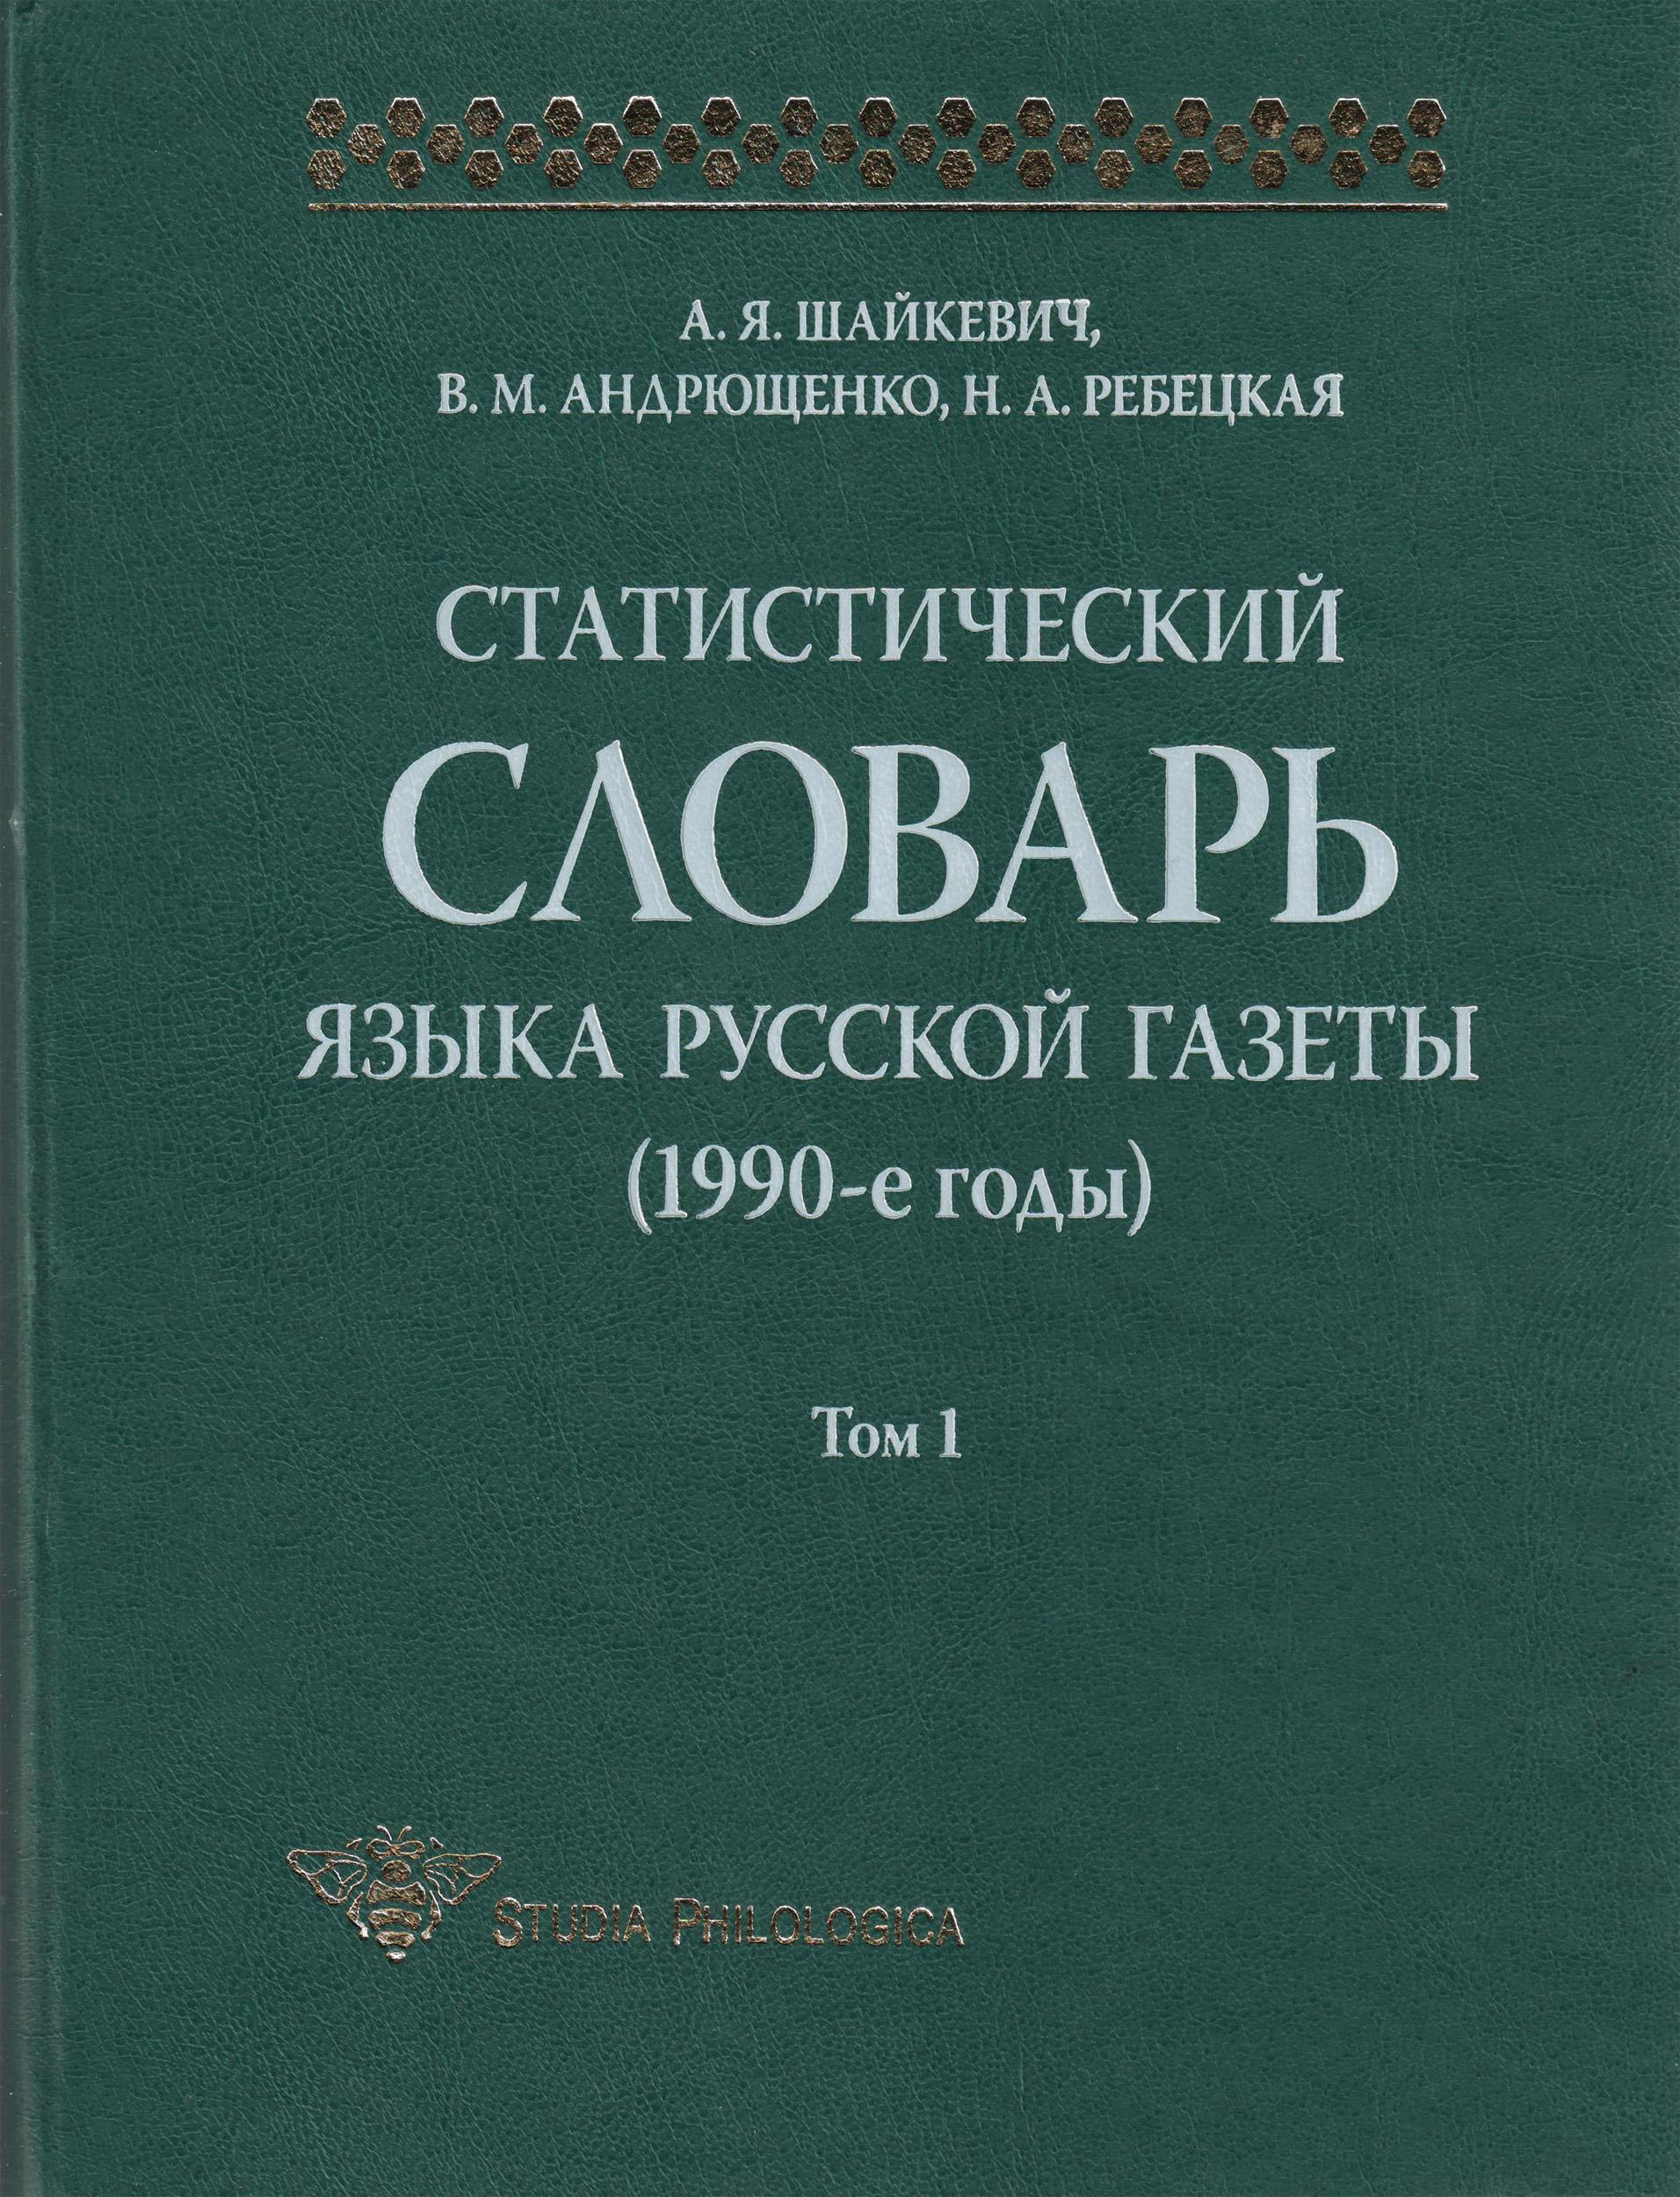 Статистический словарь языка русской газеты (1990-е годы). Том 1